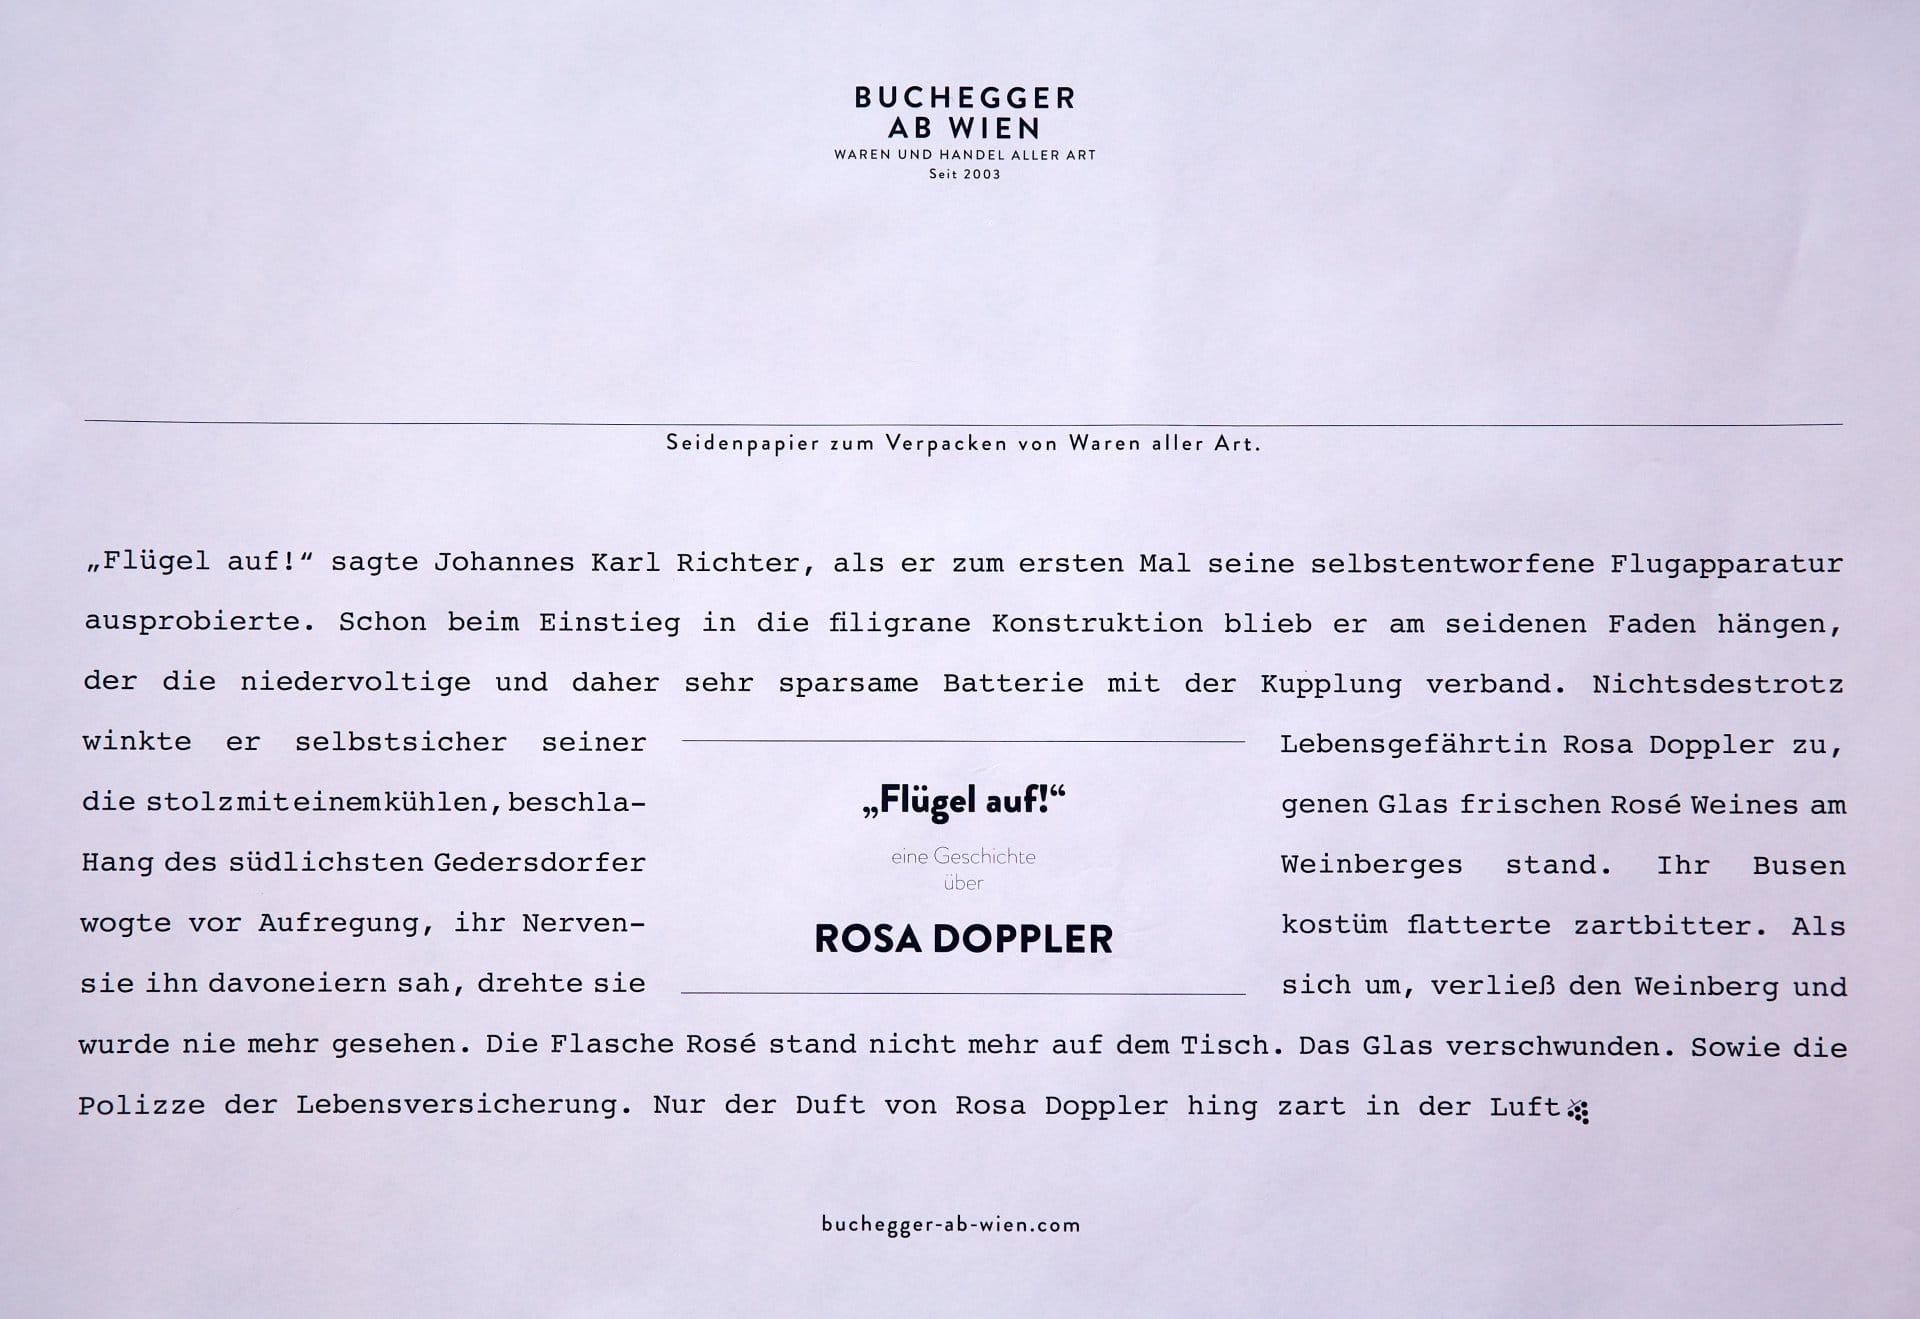 2013 buchegger rosadoppler 2